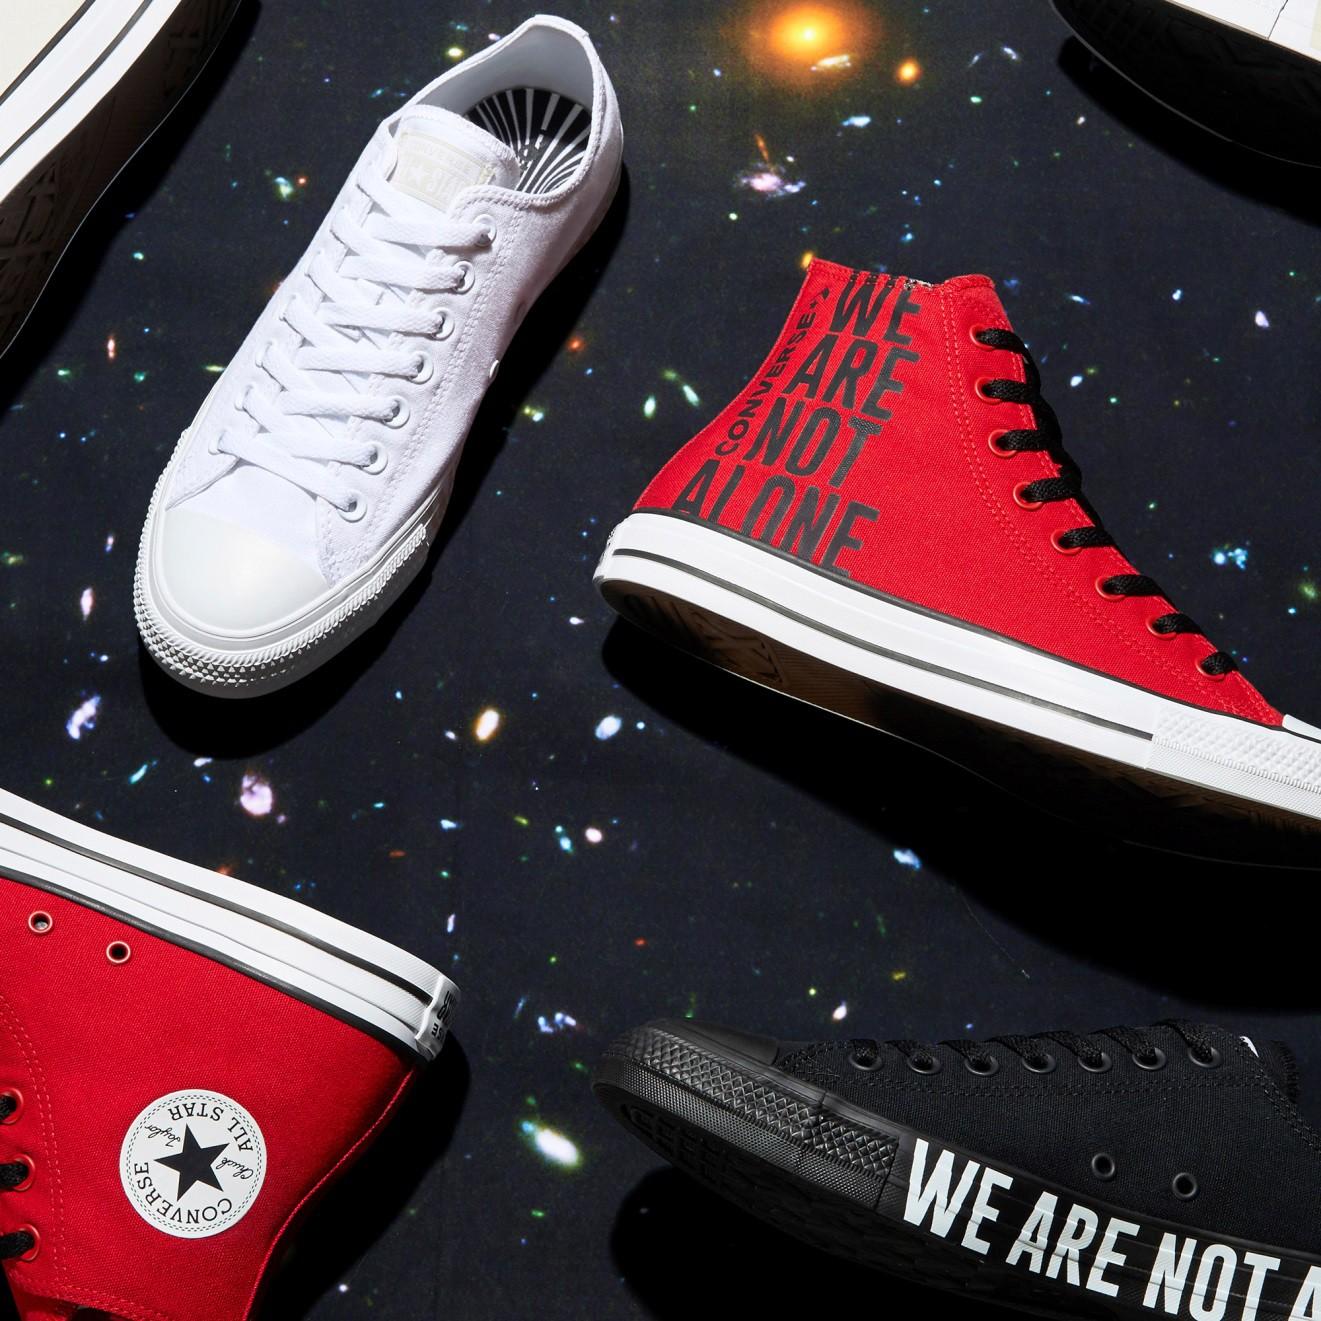 """Vỗ vai và nói """"We are not alone"""", Converse vẽ ra chiến dịch với nhiều câu chuyện phía sau - Ảnh 9."""